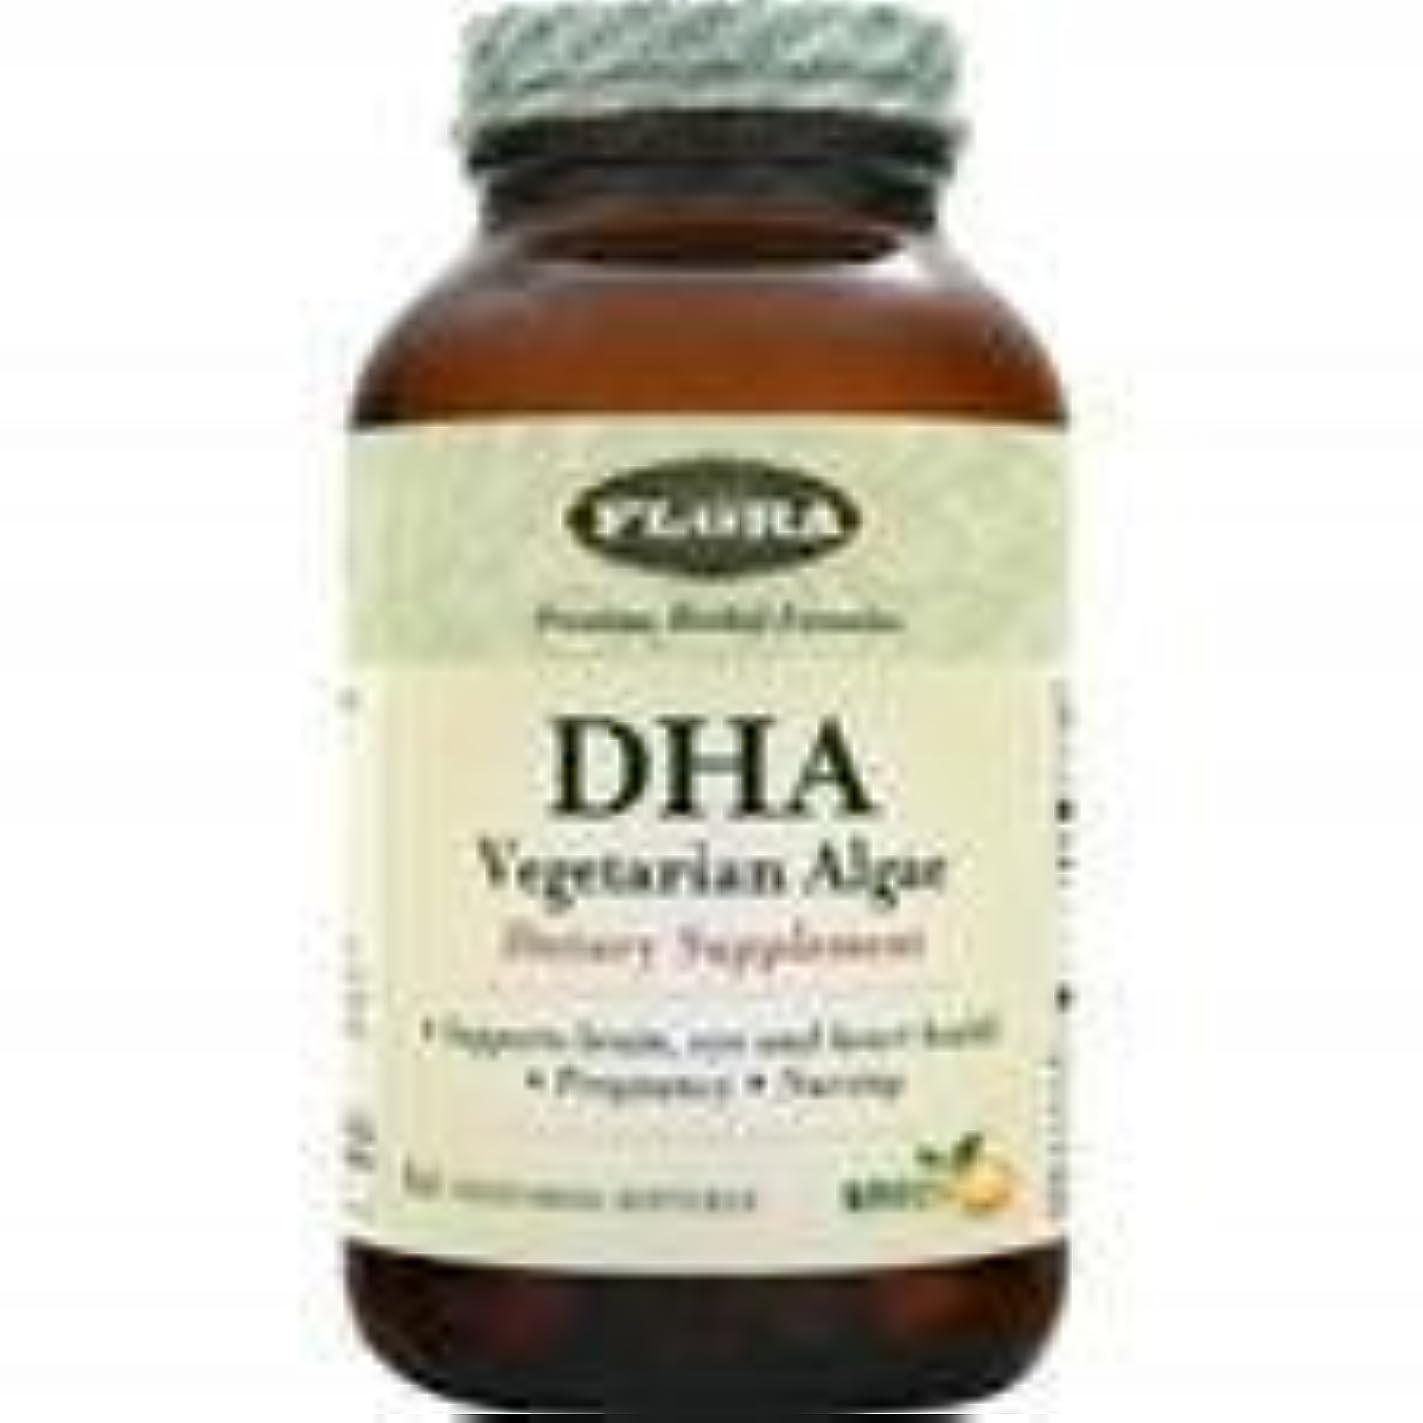 早いクラシカル祈りDHA - ベジタリアン藻類 60 ソフトジェル 2個パック